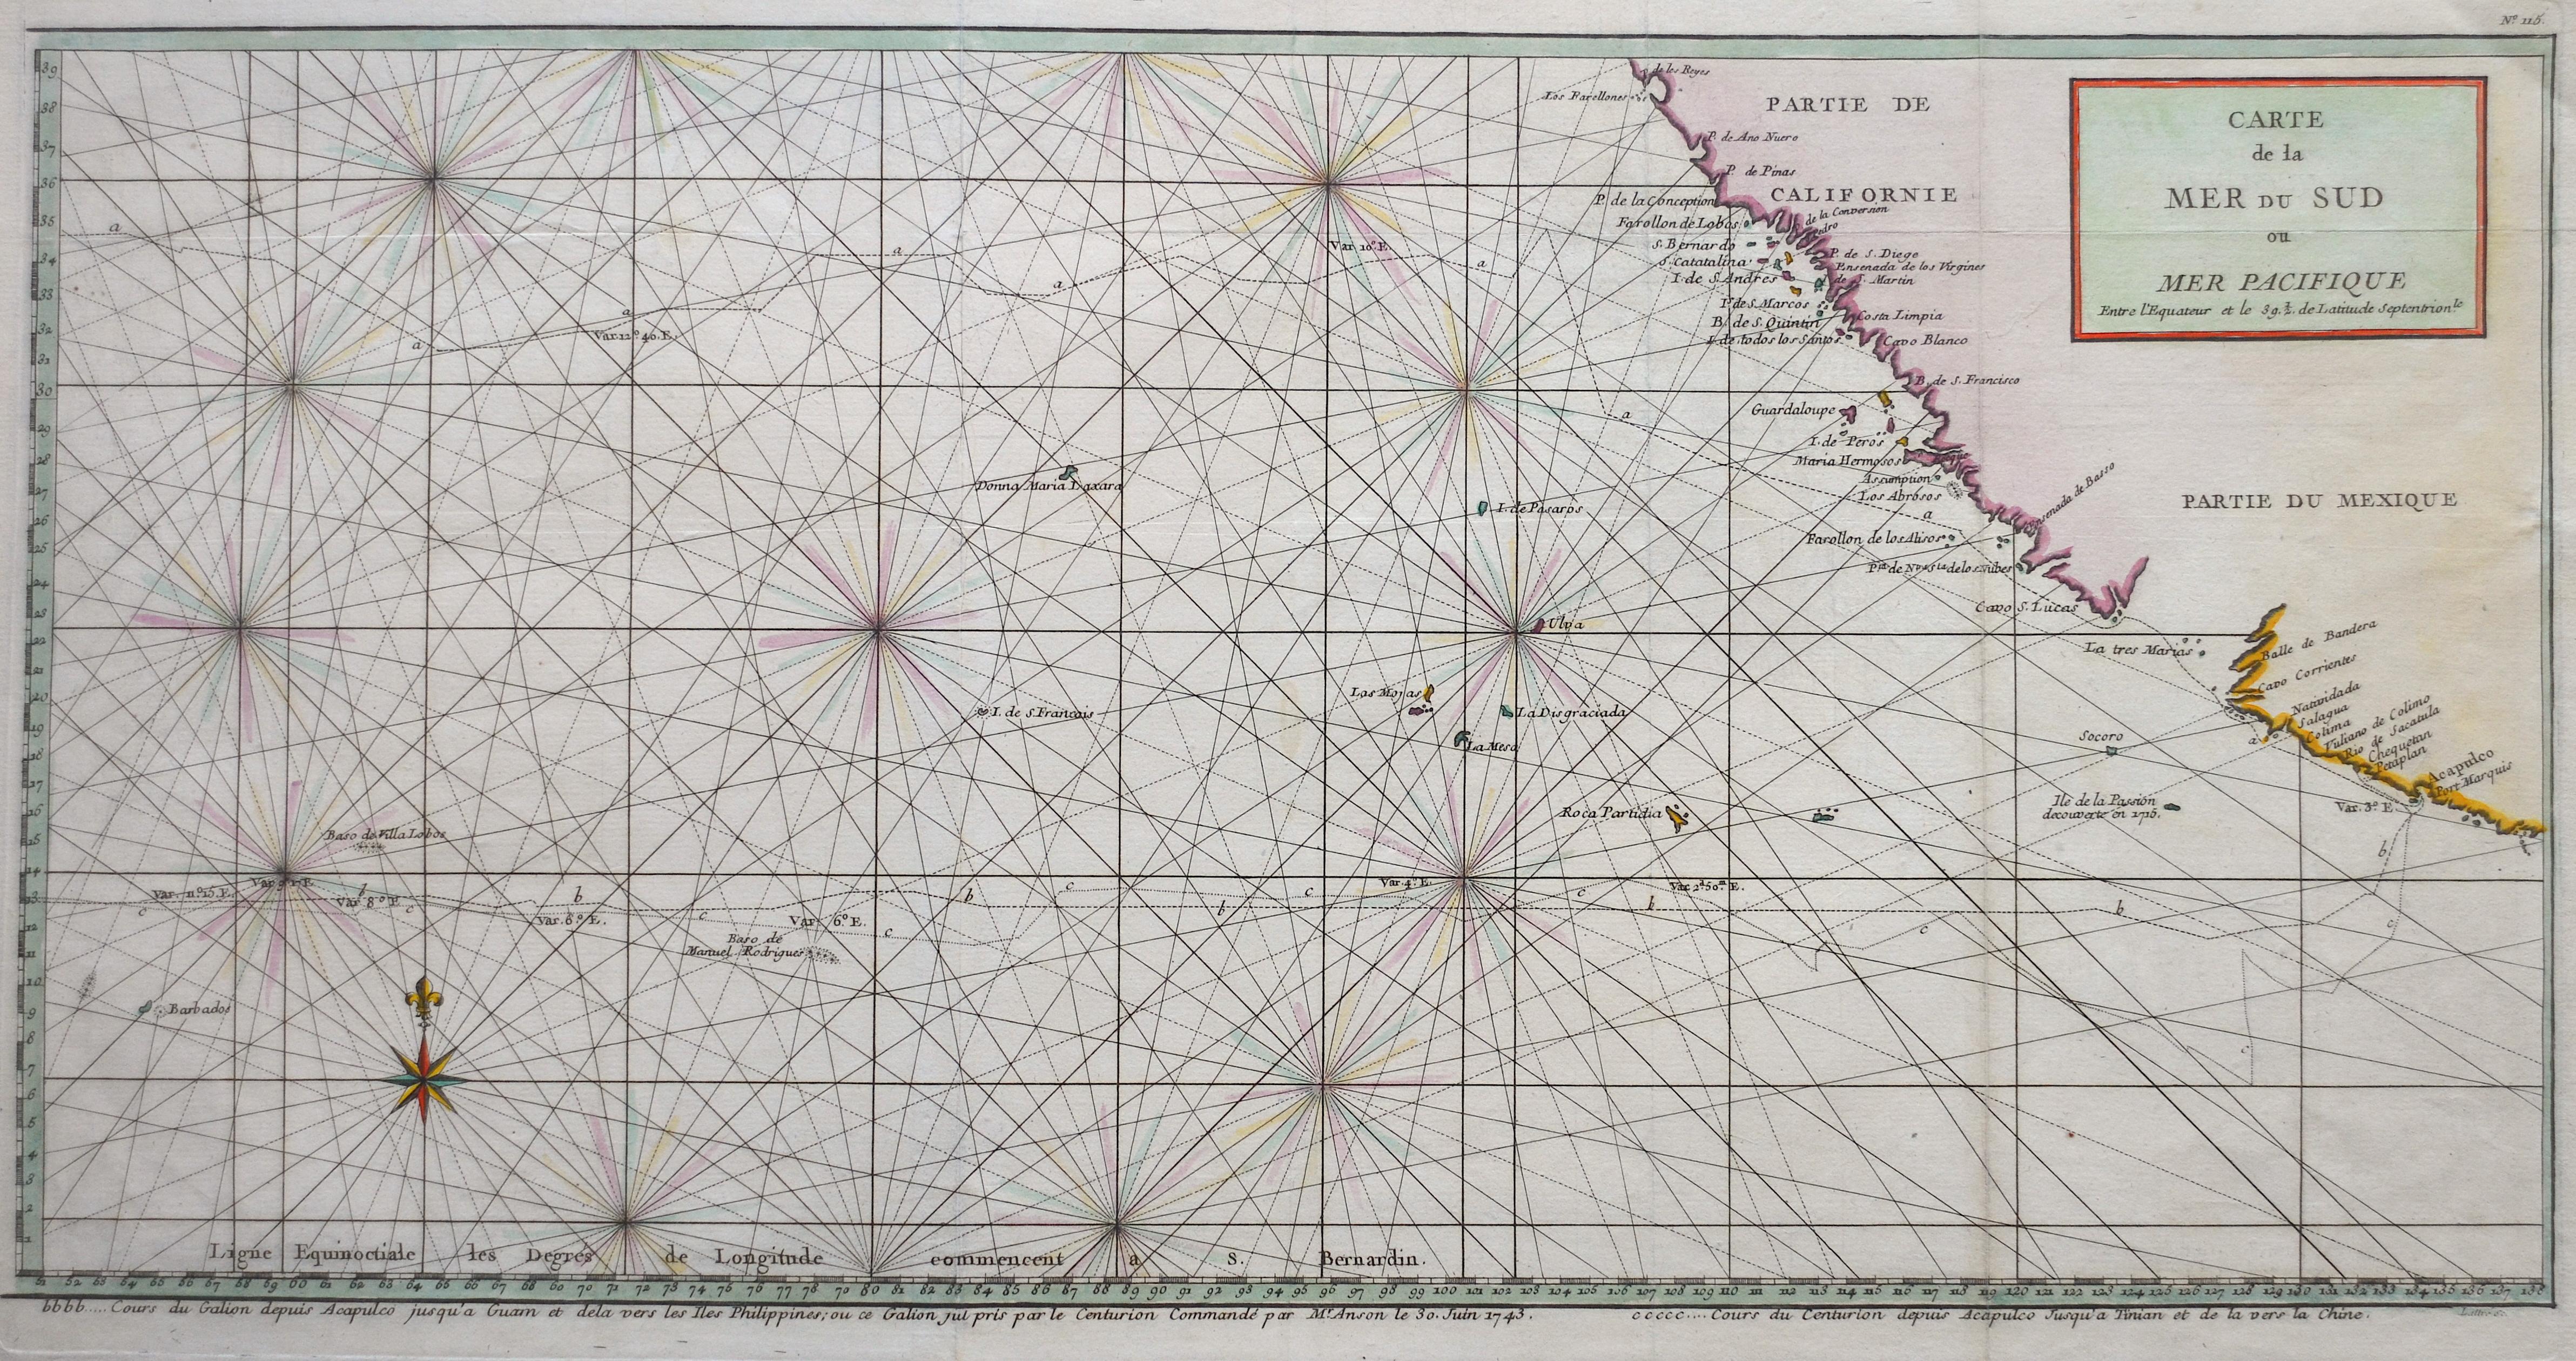 Anson Georg Carte de la Mer du Sud ou Mer Pacifique.